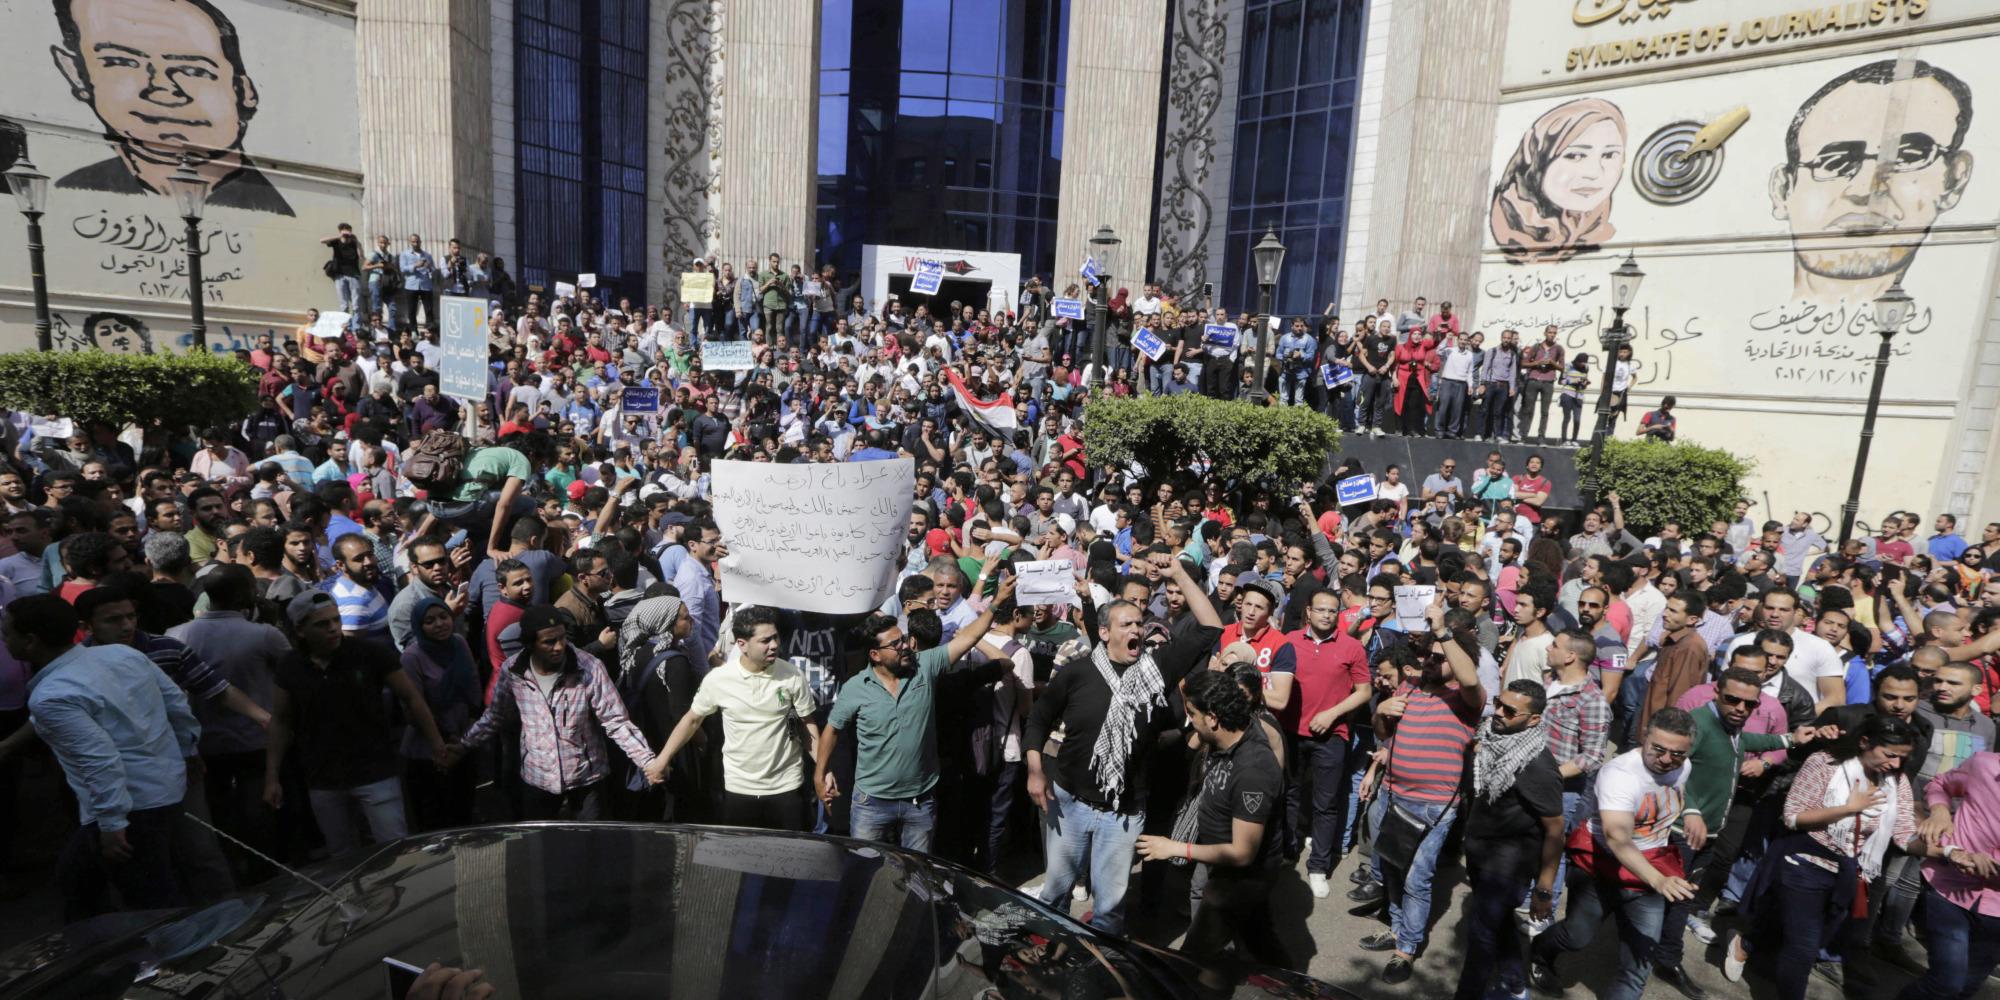 بقرارٍ من المحكمة الدستورية العليا.. ليس من حقِّ وزير الداخلية المصري منع التظاهرات